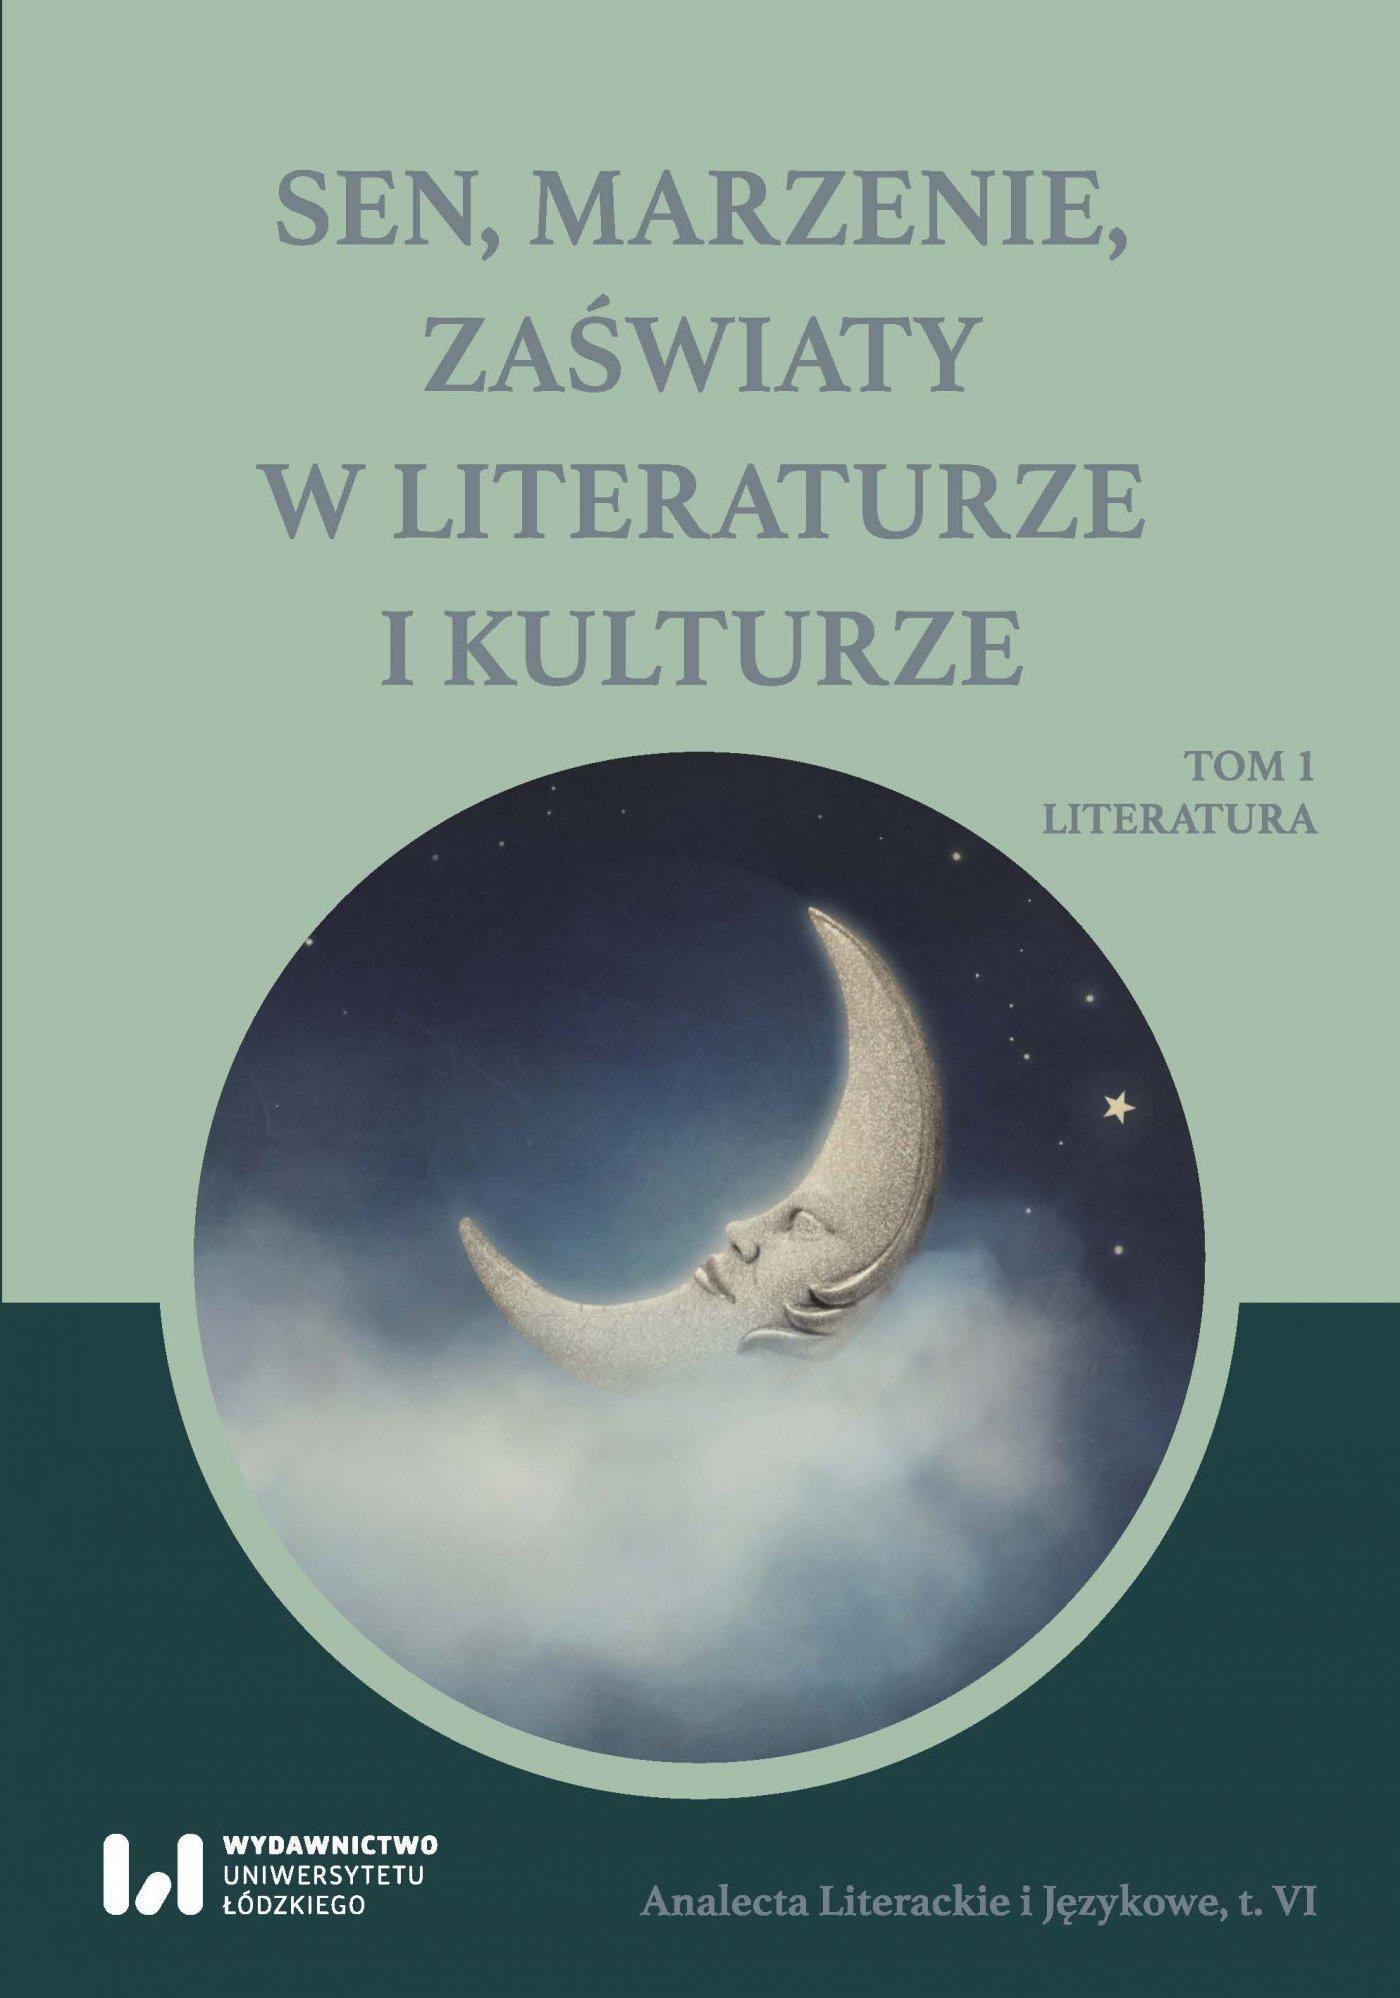 Sen, marzenie, zaświaty w literaturze i kulturze. Tom 1. Literatura - Ebook (Książka PDF) do pobrania w formacie PDF